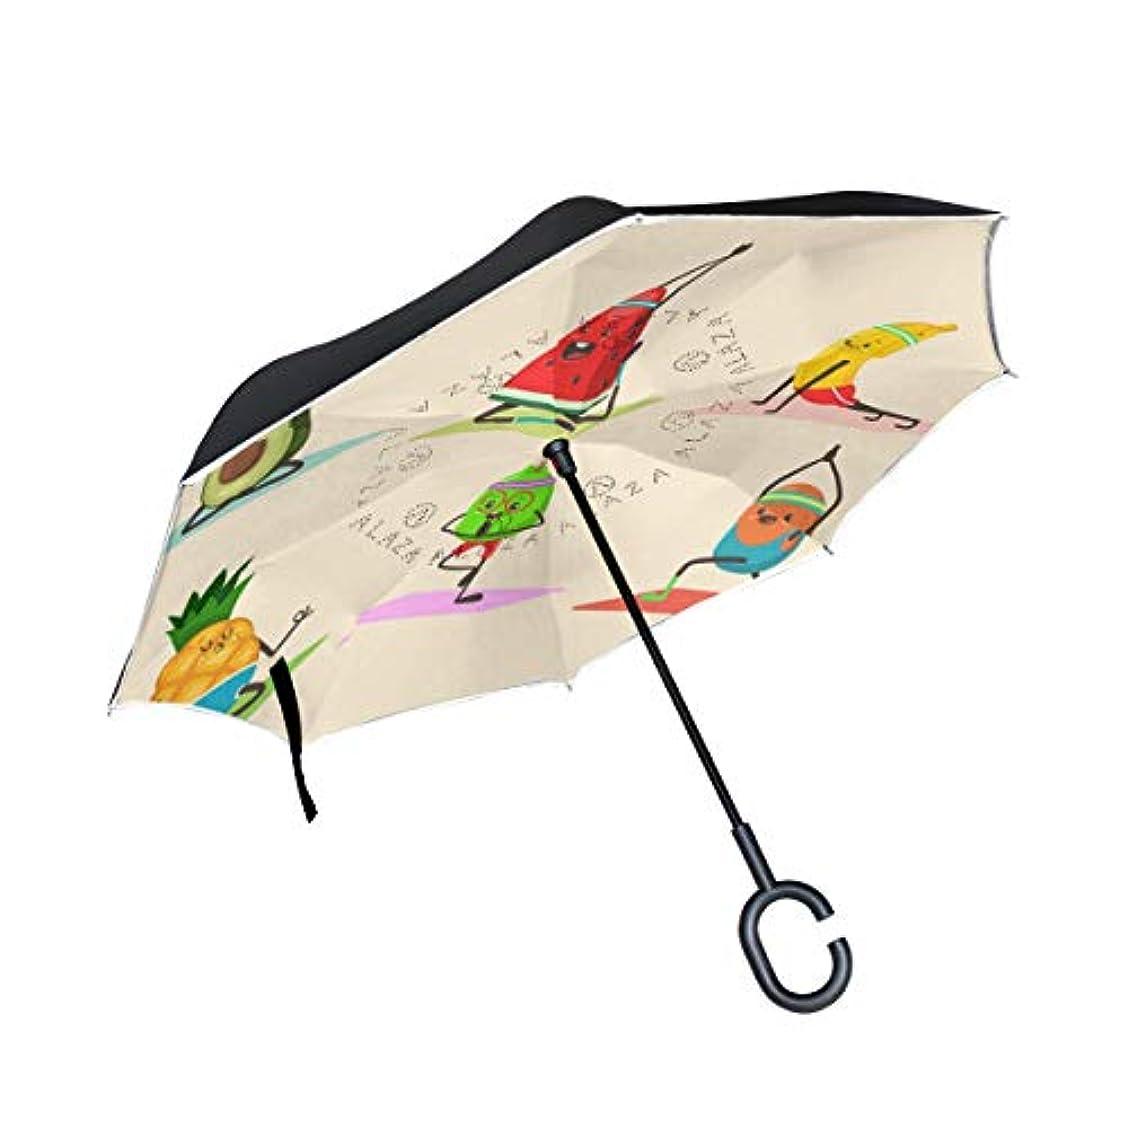 異なる頬骨コンパスChovy 逆転傘 長傘 逆さ傘 逆折り式傘 メンズ 車用傘 自立傘 手離れC型手元 パイナップル 西瓜 果物 だもの フルーツ かわいい 可愛い おもしろ 日傘 折りたたみ UVカット 晴雨兼用 男女兼用 レディース 二重傘 撥水加工 耐風 丈夫 大きい 梅雨対策 雨傘 遮光断熱